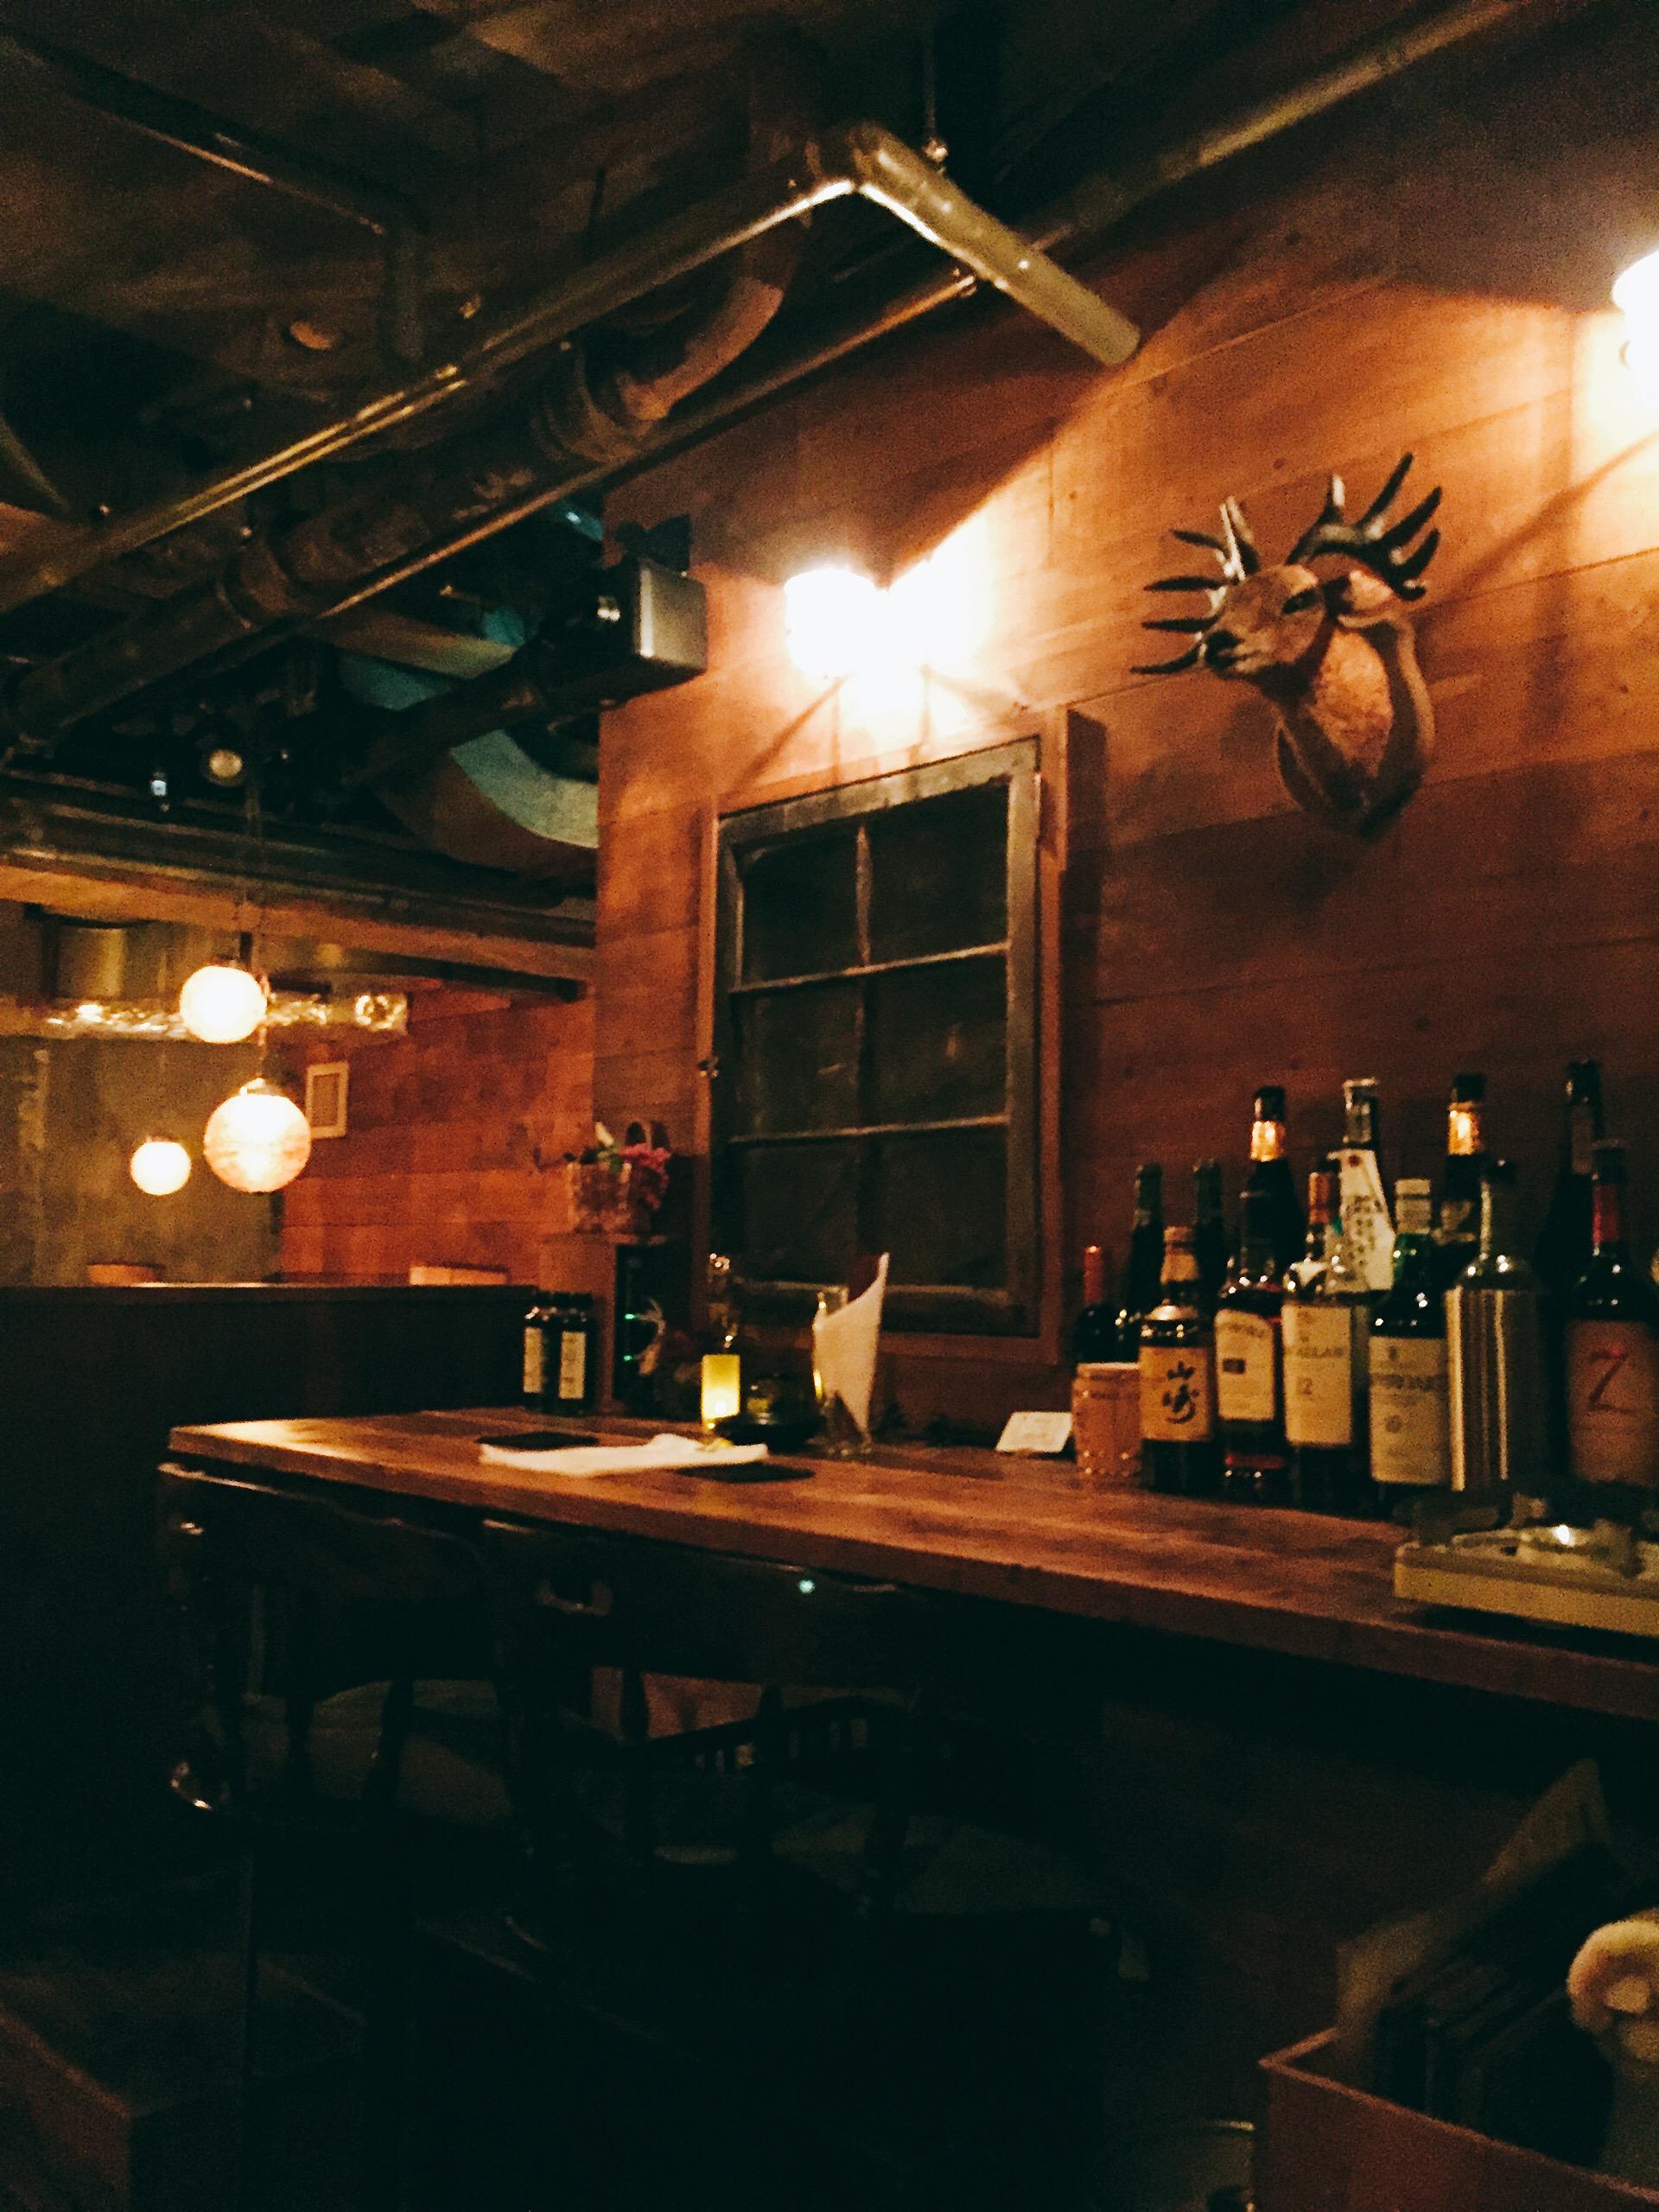 【五反田】燻製kitchen/地下の隠れ家レストラン。正直、大のお気に入りなのであまり紹介したくありません。